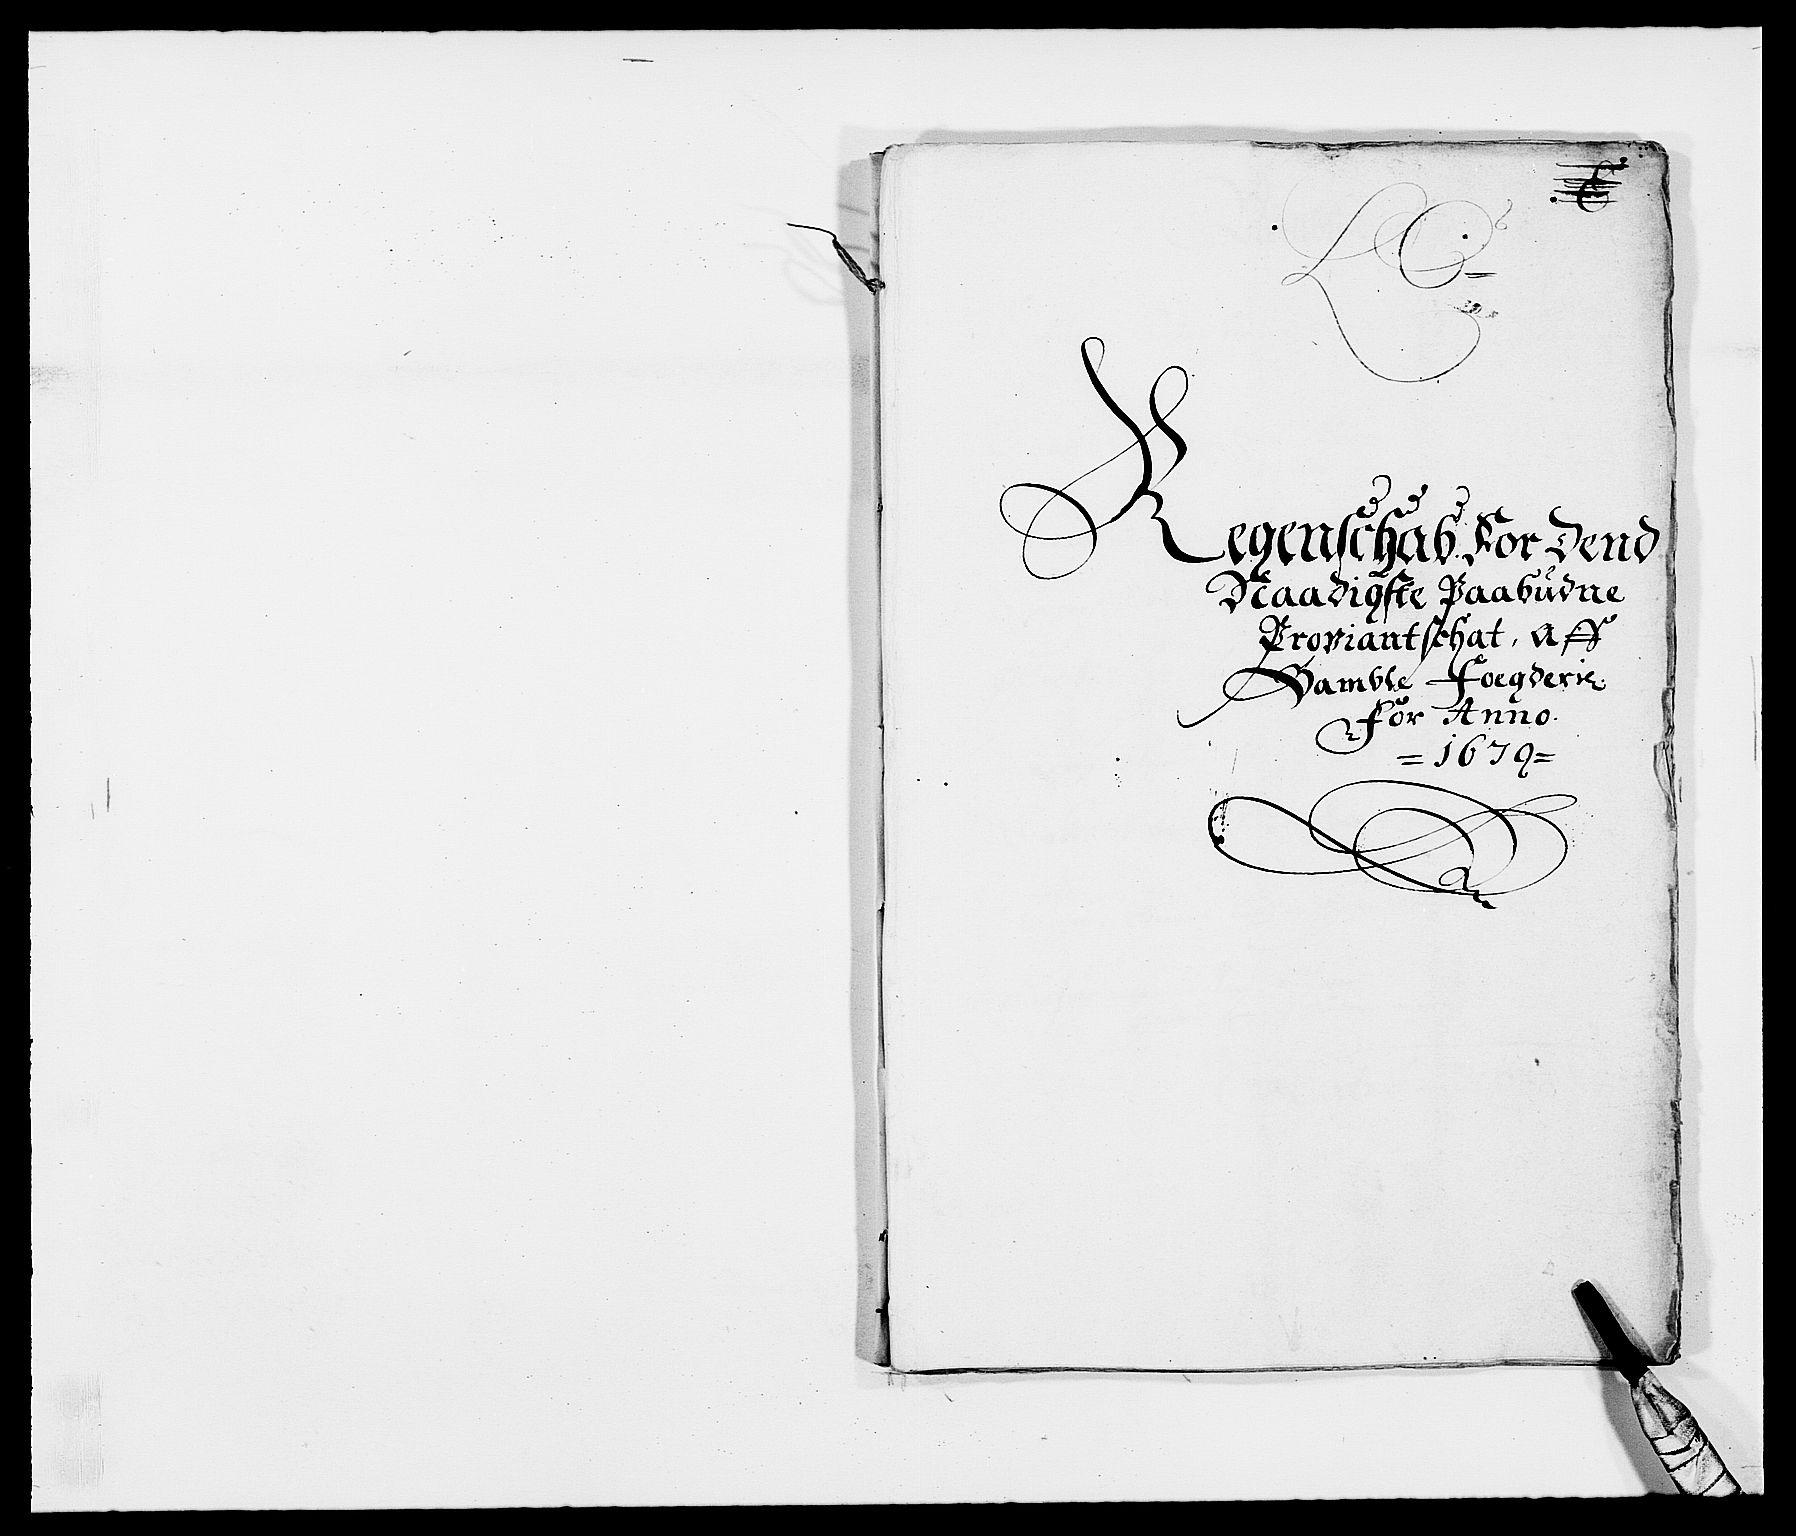 RA, Rentekammeret inntil 1814, Reviderte regnskaper, Fogderegnskap, R34/L2044: Fogderegnskap Bamble, 1678-1679, s. 347